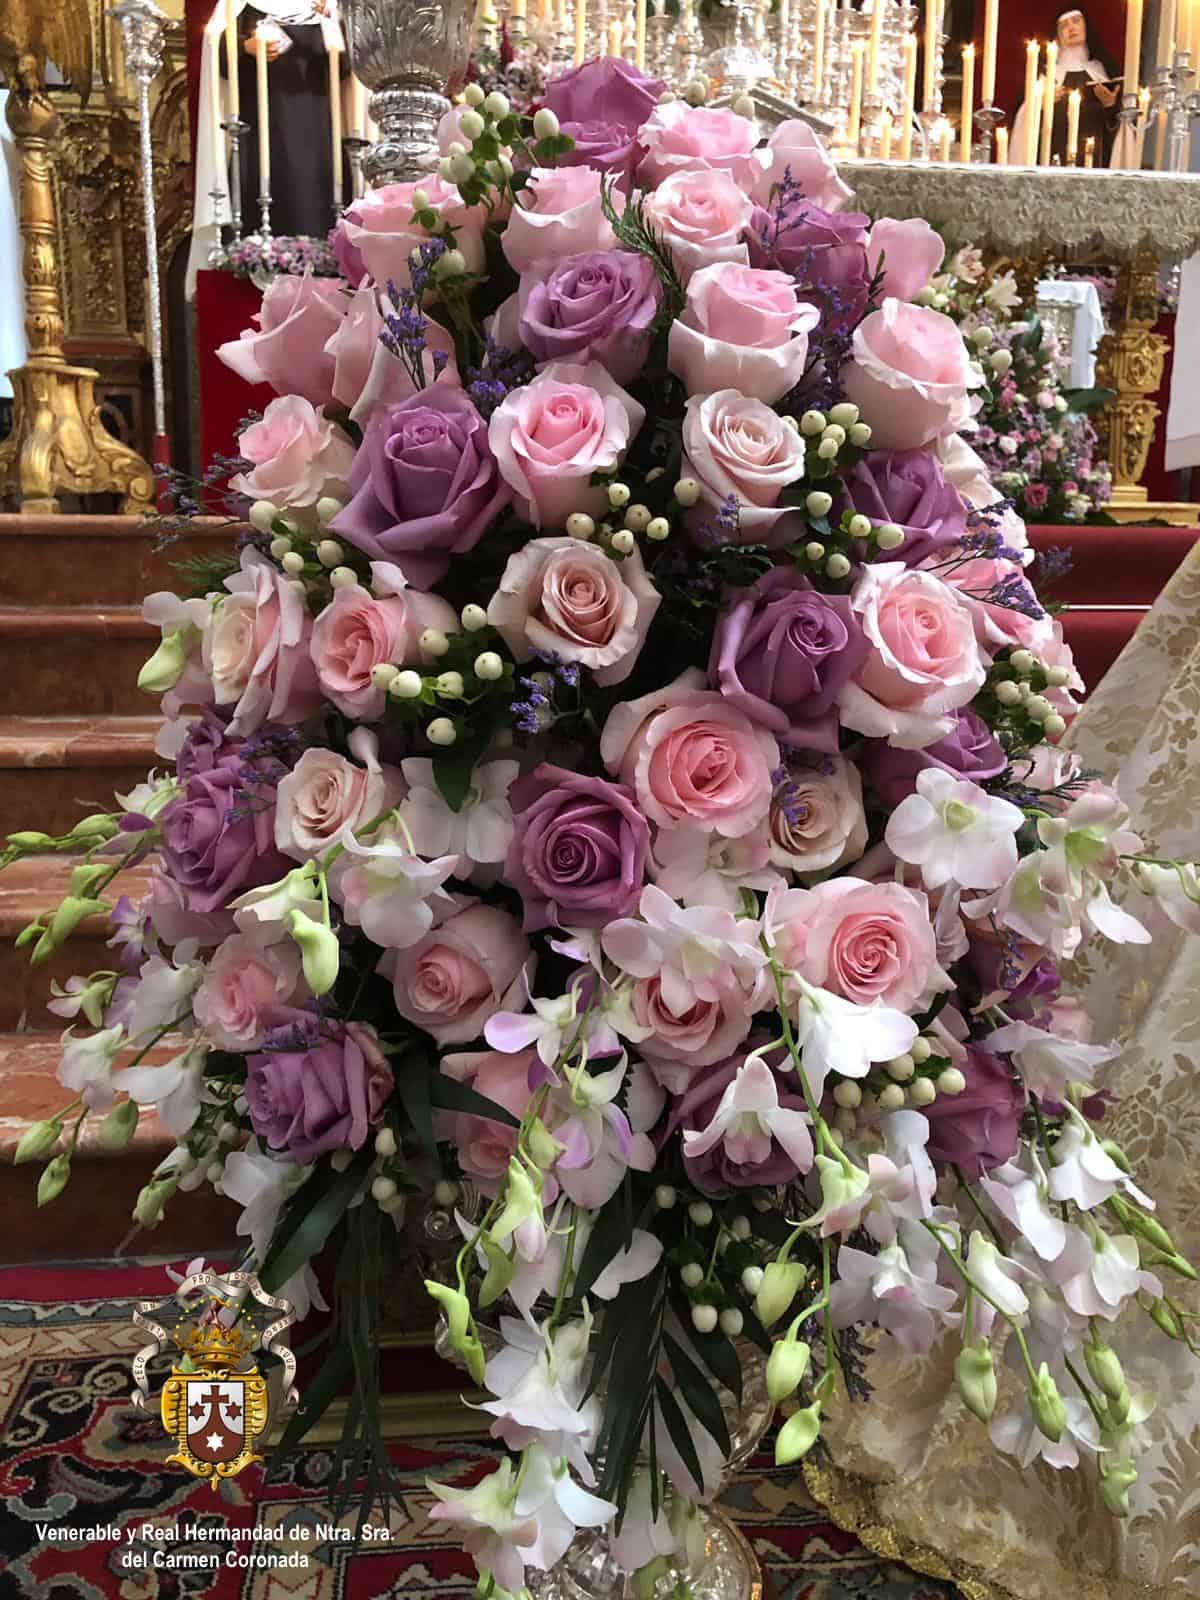 Exorno floral de la Patrona para el día de su festividad